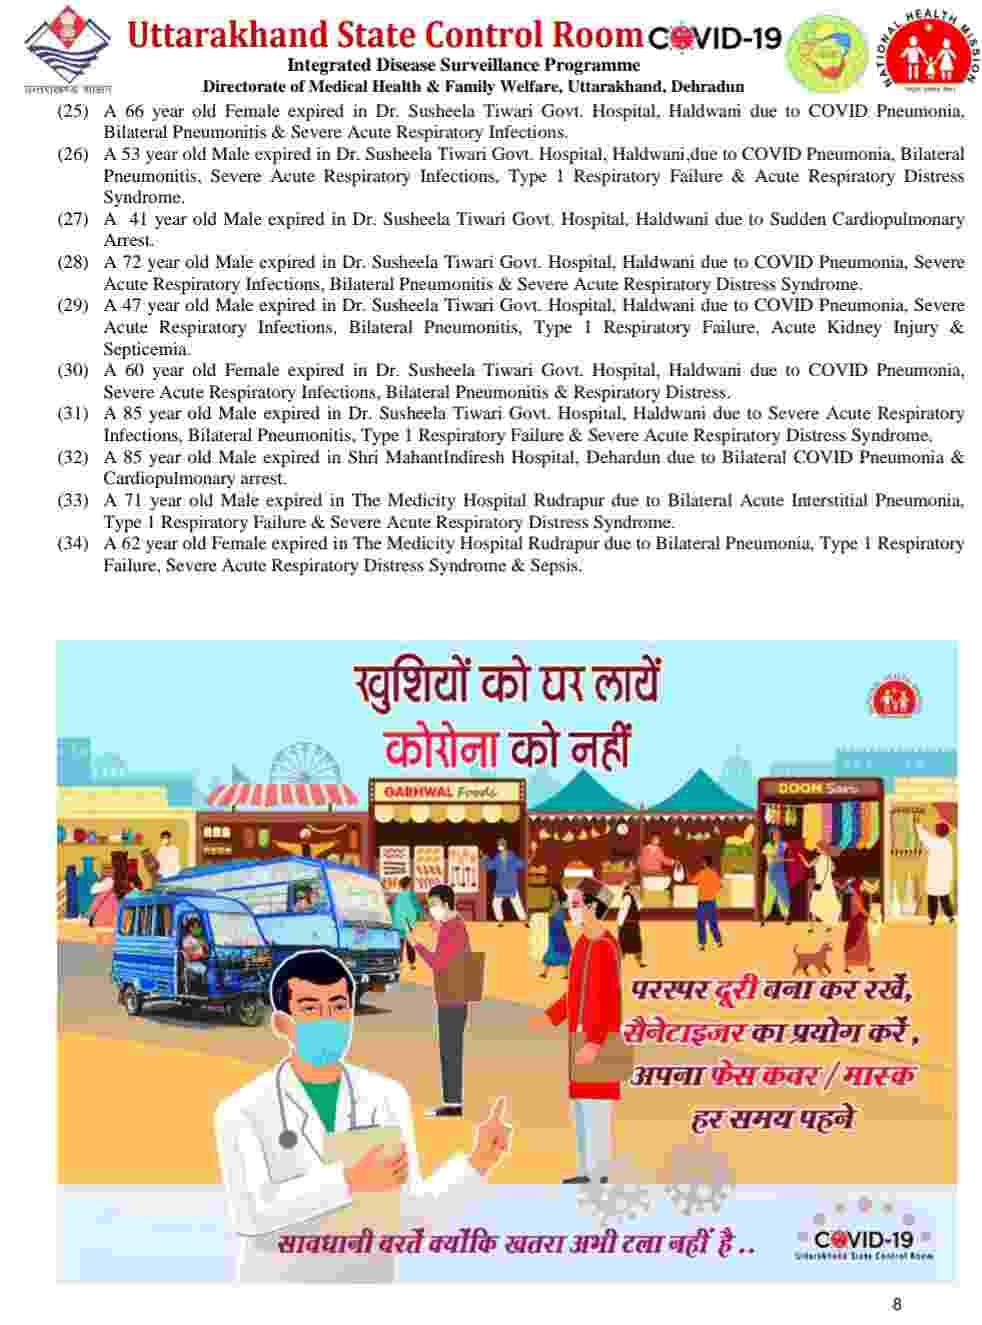 नहीं थम रहा है कोविड-19 का प्रकोप: उत्तराखंड में आज 4807 नए कोरोना मरीज, 34 की मौत, आज देहरादून में 1876 मरीज 7